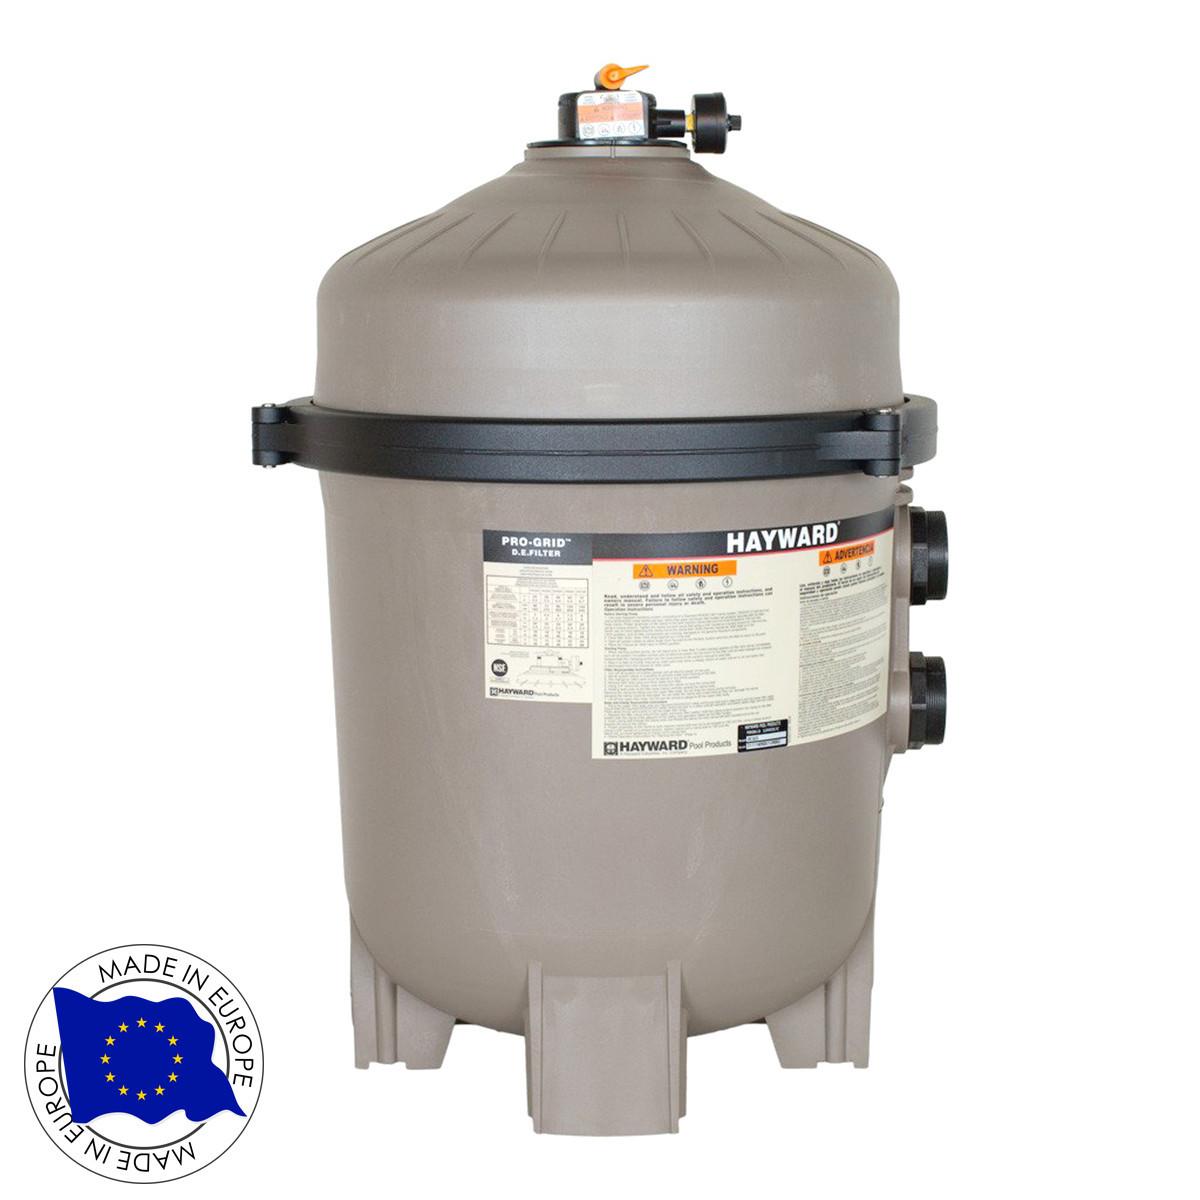 Песочный фильтр для бассейна Hayward ProGrid DE3620 (D660).Бочка для грубой очистки воды бассейна